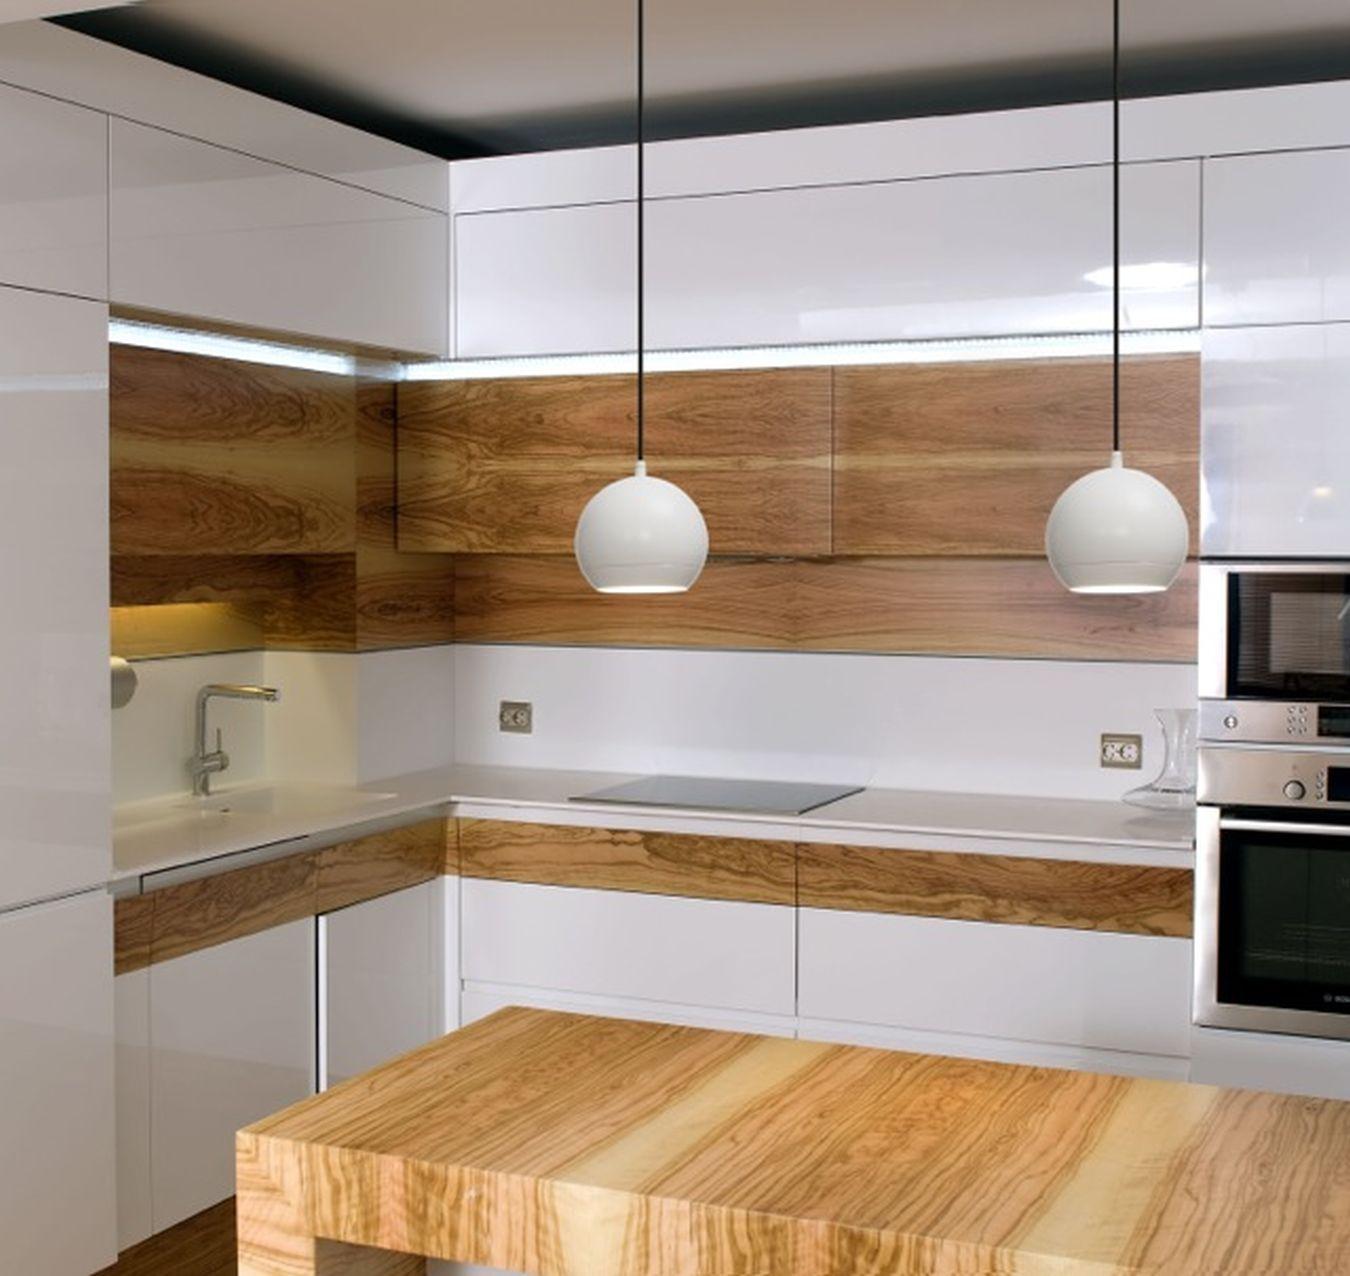 Iluminacion led cocinas que necesito - Led para cocina ...